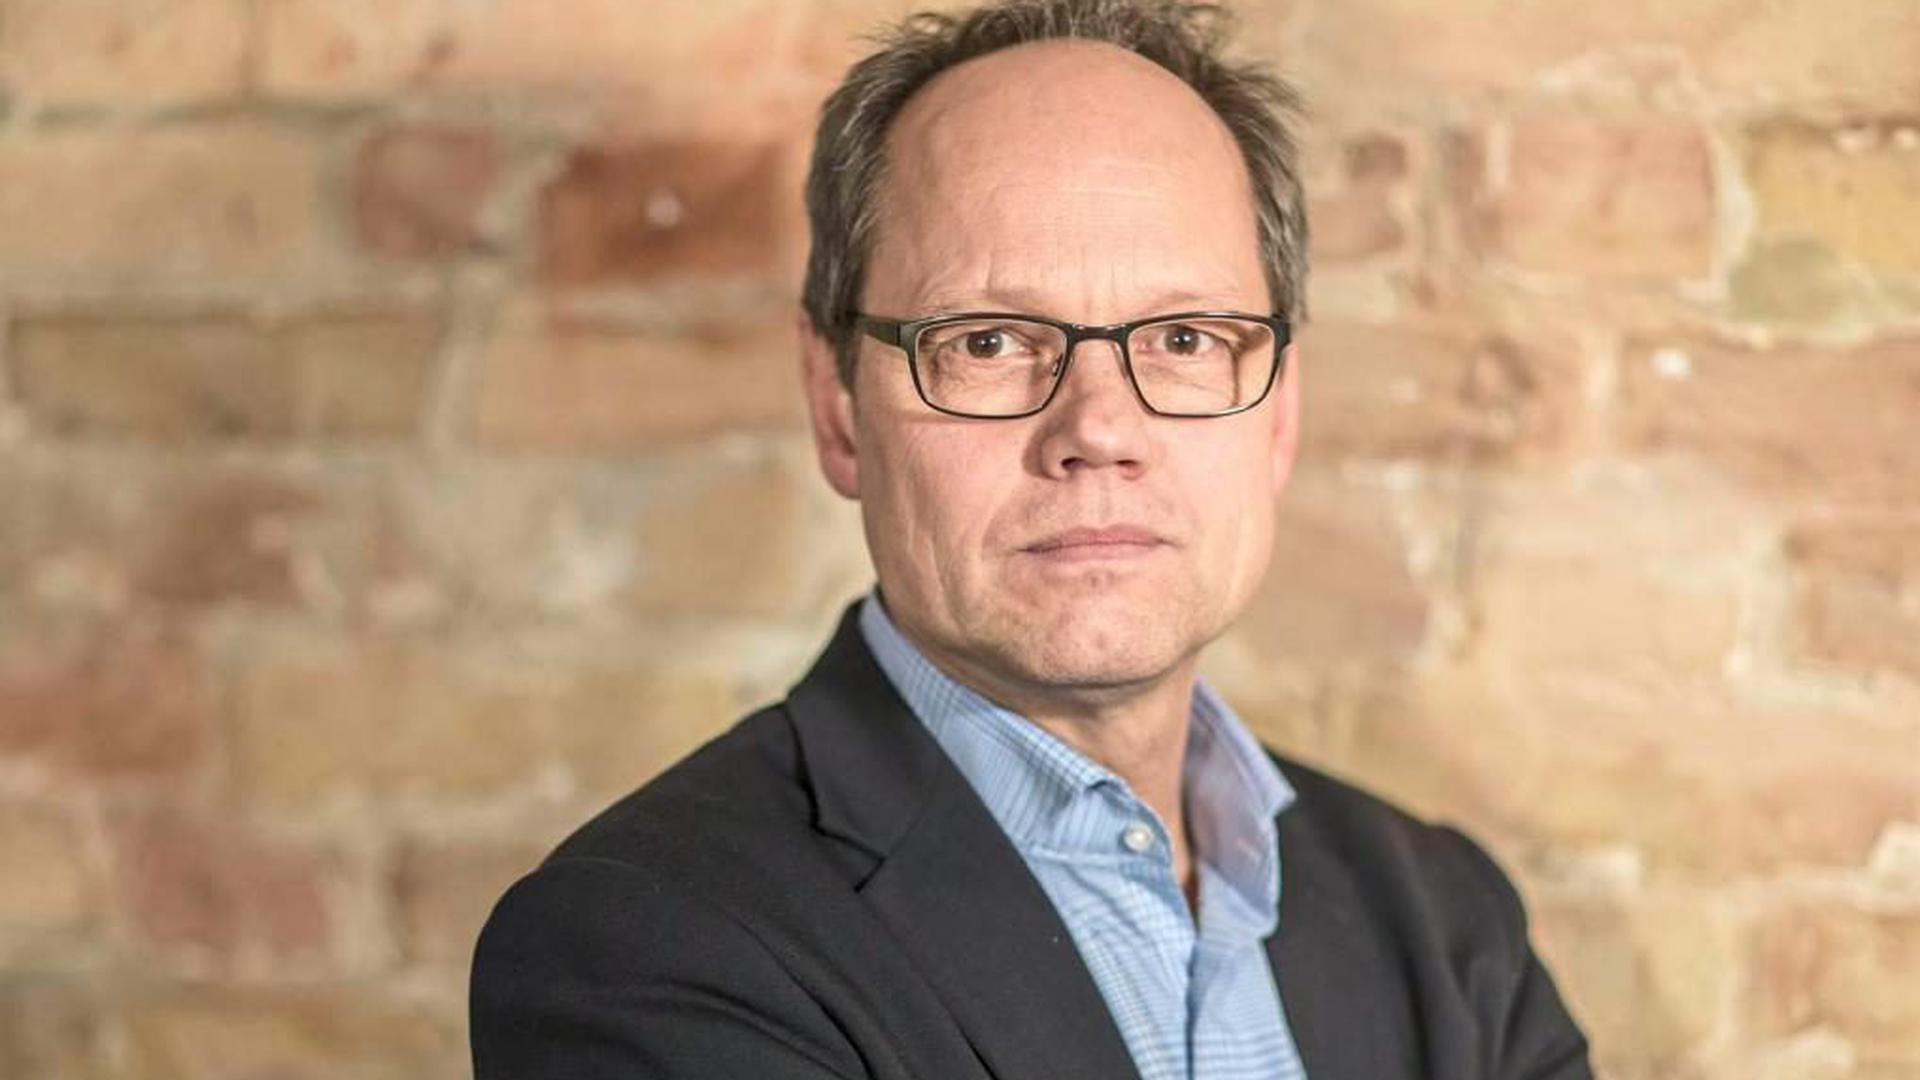 Will einiges anpacken: Kai Gniffke ist neuer Intendant des Südwestrundfunks. Am Freitag, 13. September, wird der bisherige Chefredakteur von ARD aktuell im Stuttgarter Funkhaus offiziell in sein Amt eingeführt. Foto: dpa